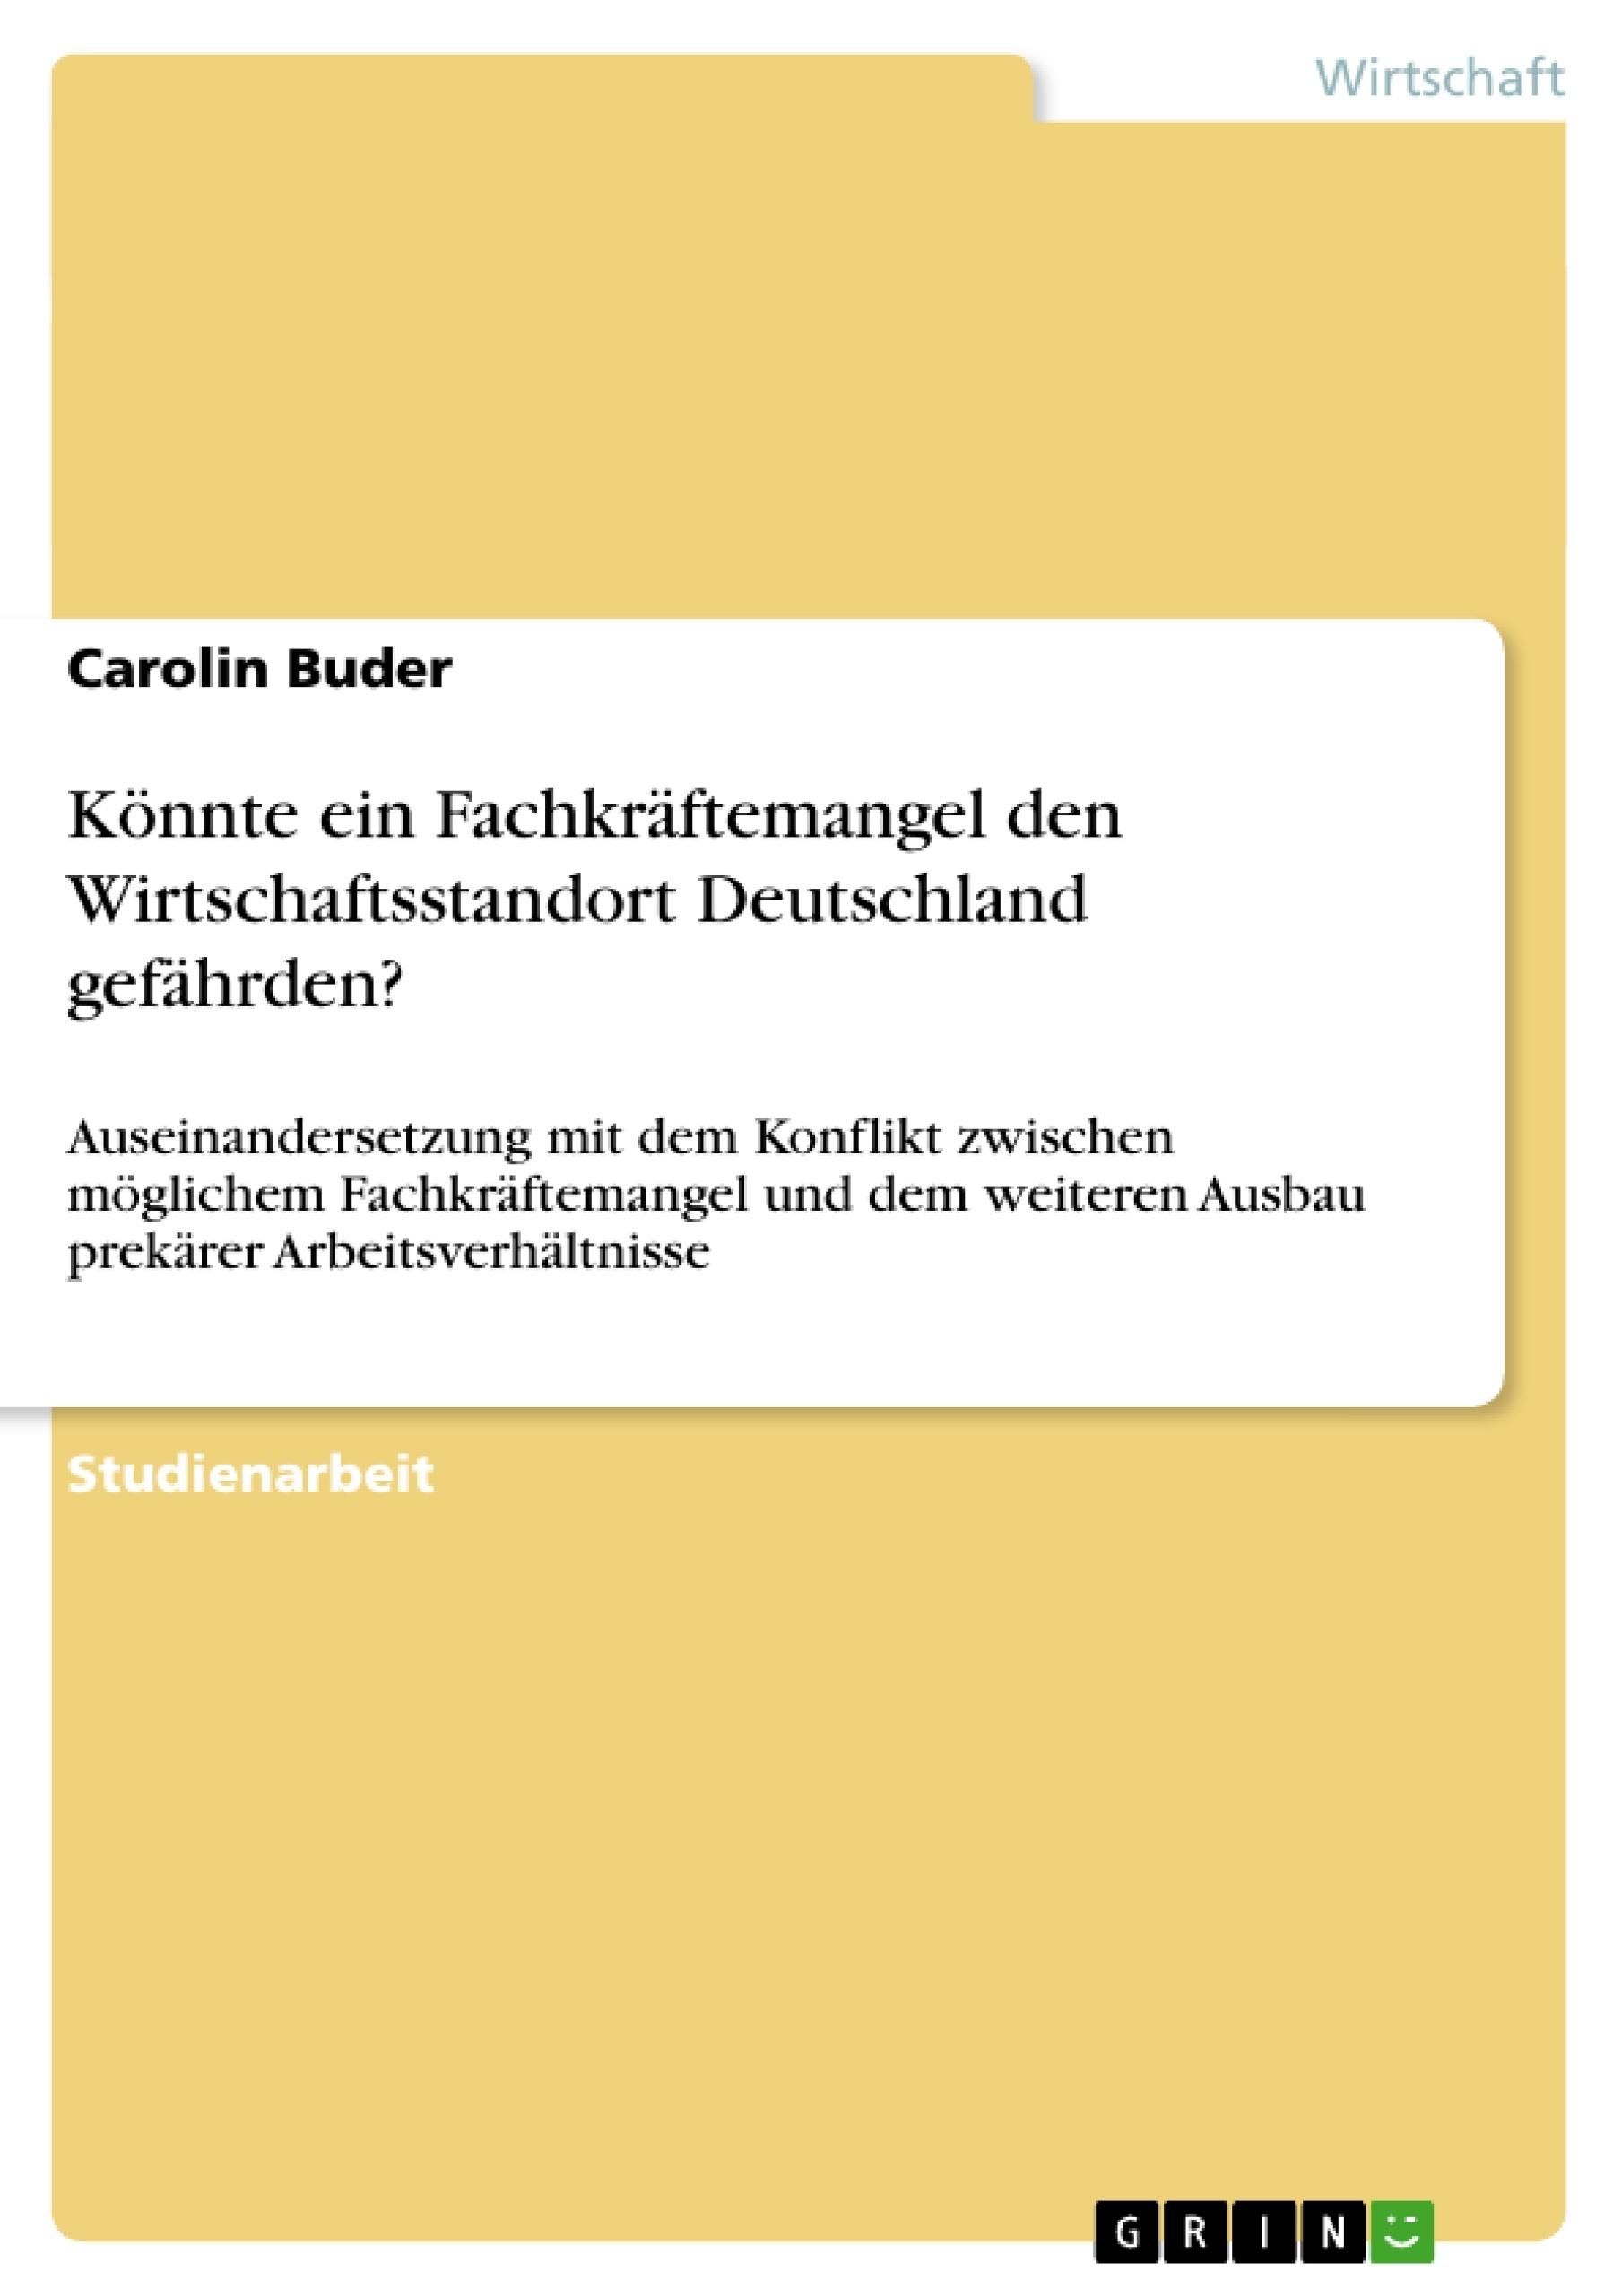 Titel: Könnte ein Fachkräftemangel den Wirtschaftsstandort Deutschland gefährden?